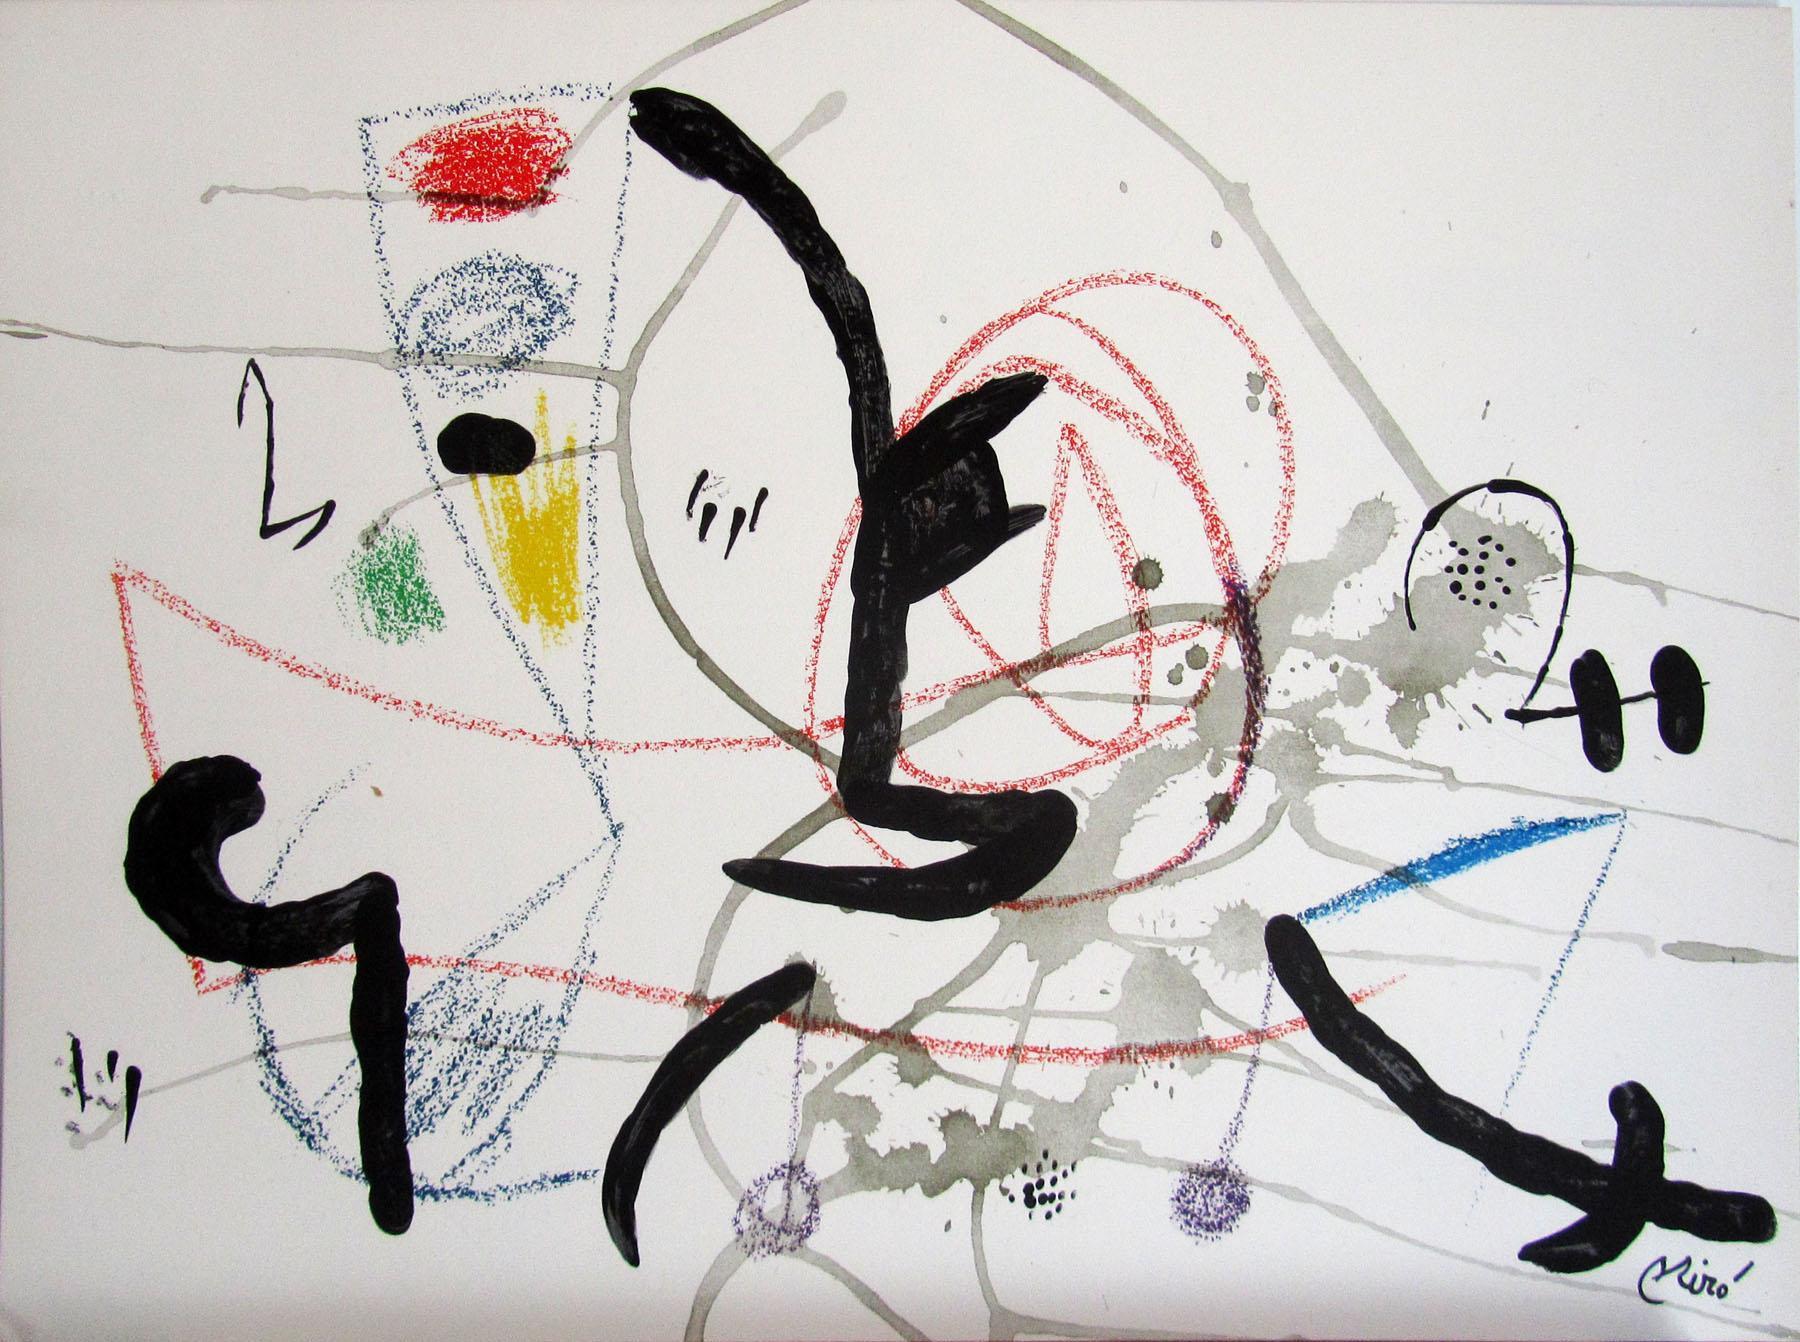 Joan Miro Print - Maravillas con Variaciones Acrosticas en El Jardin de Miro - Maravillas #11